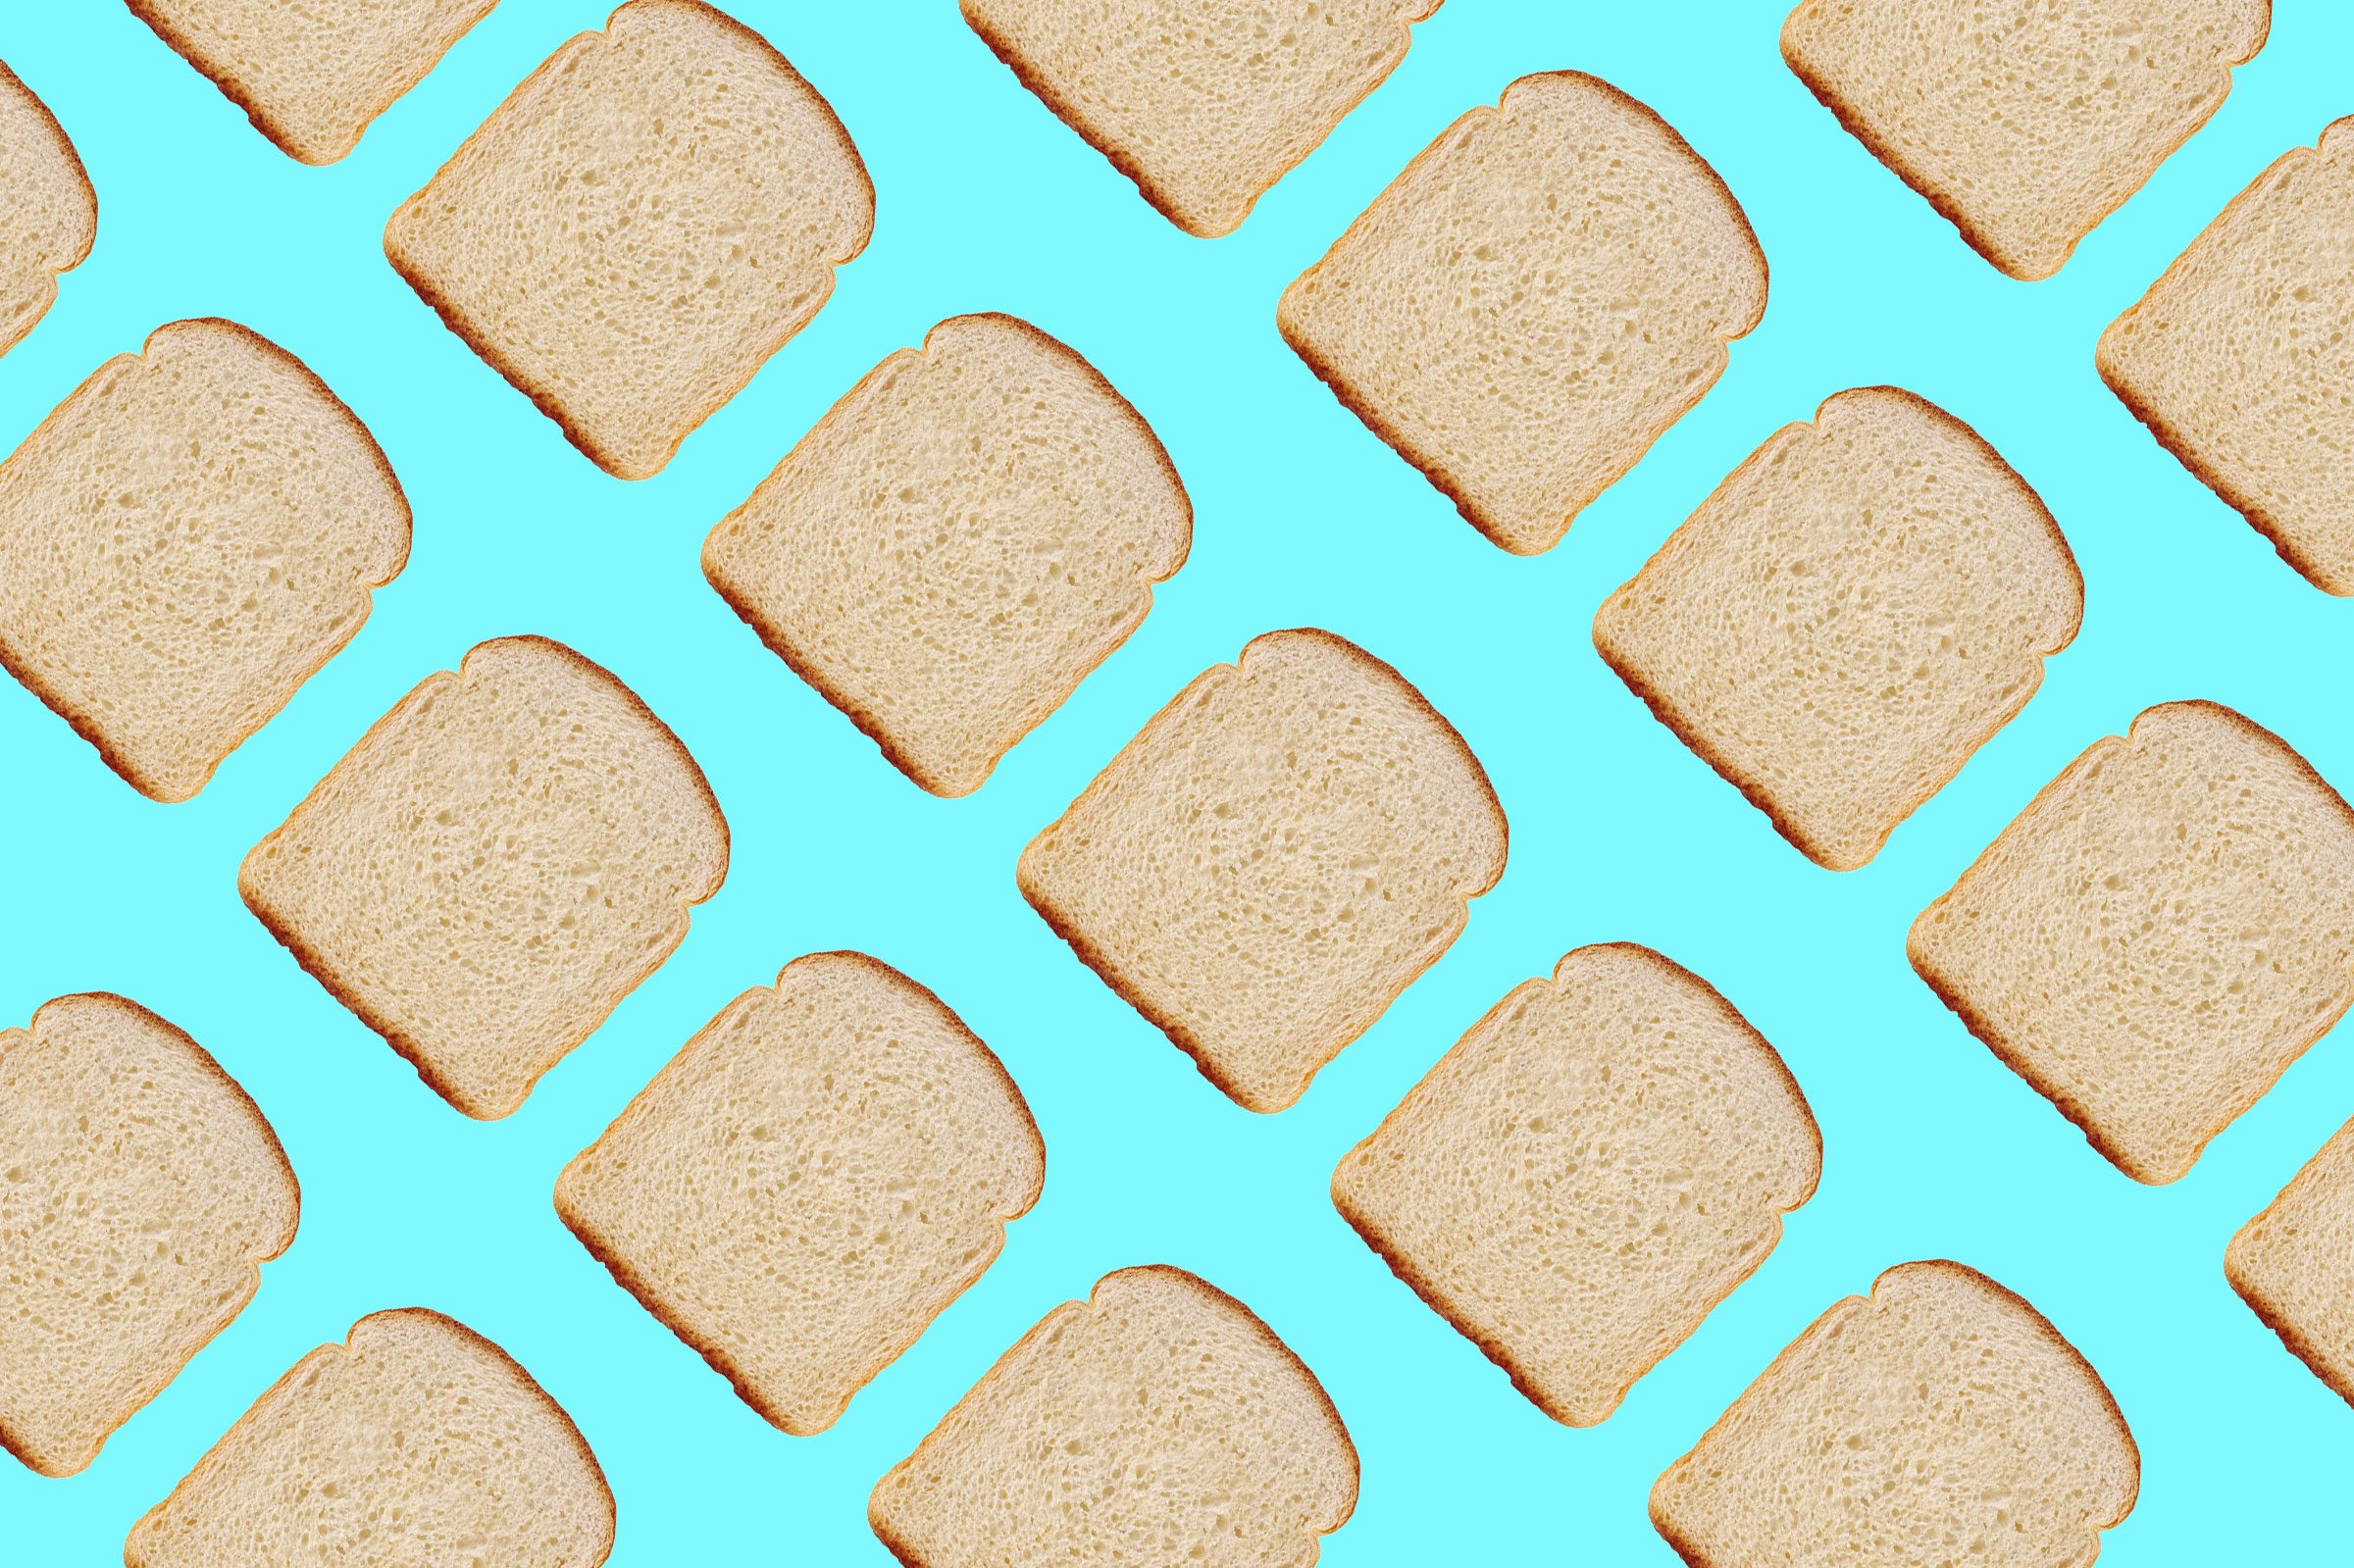 6. Bread